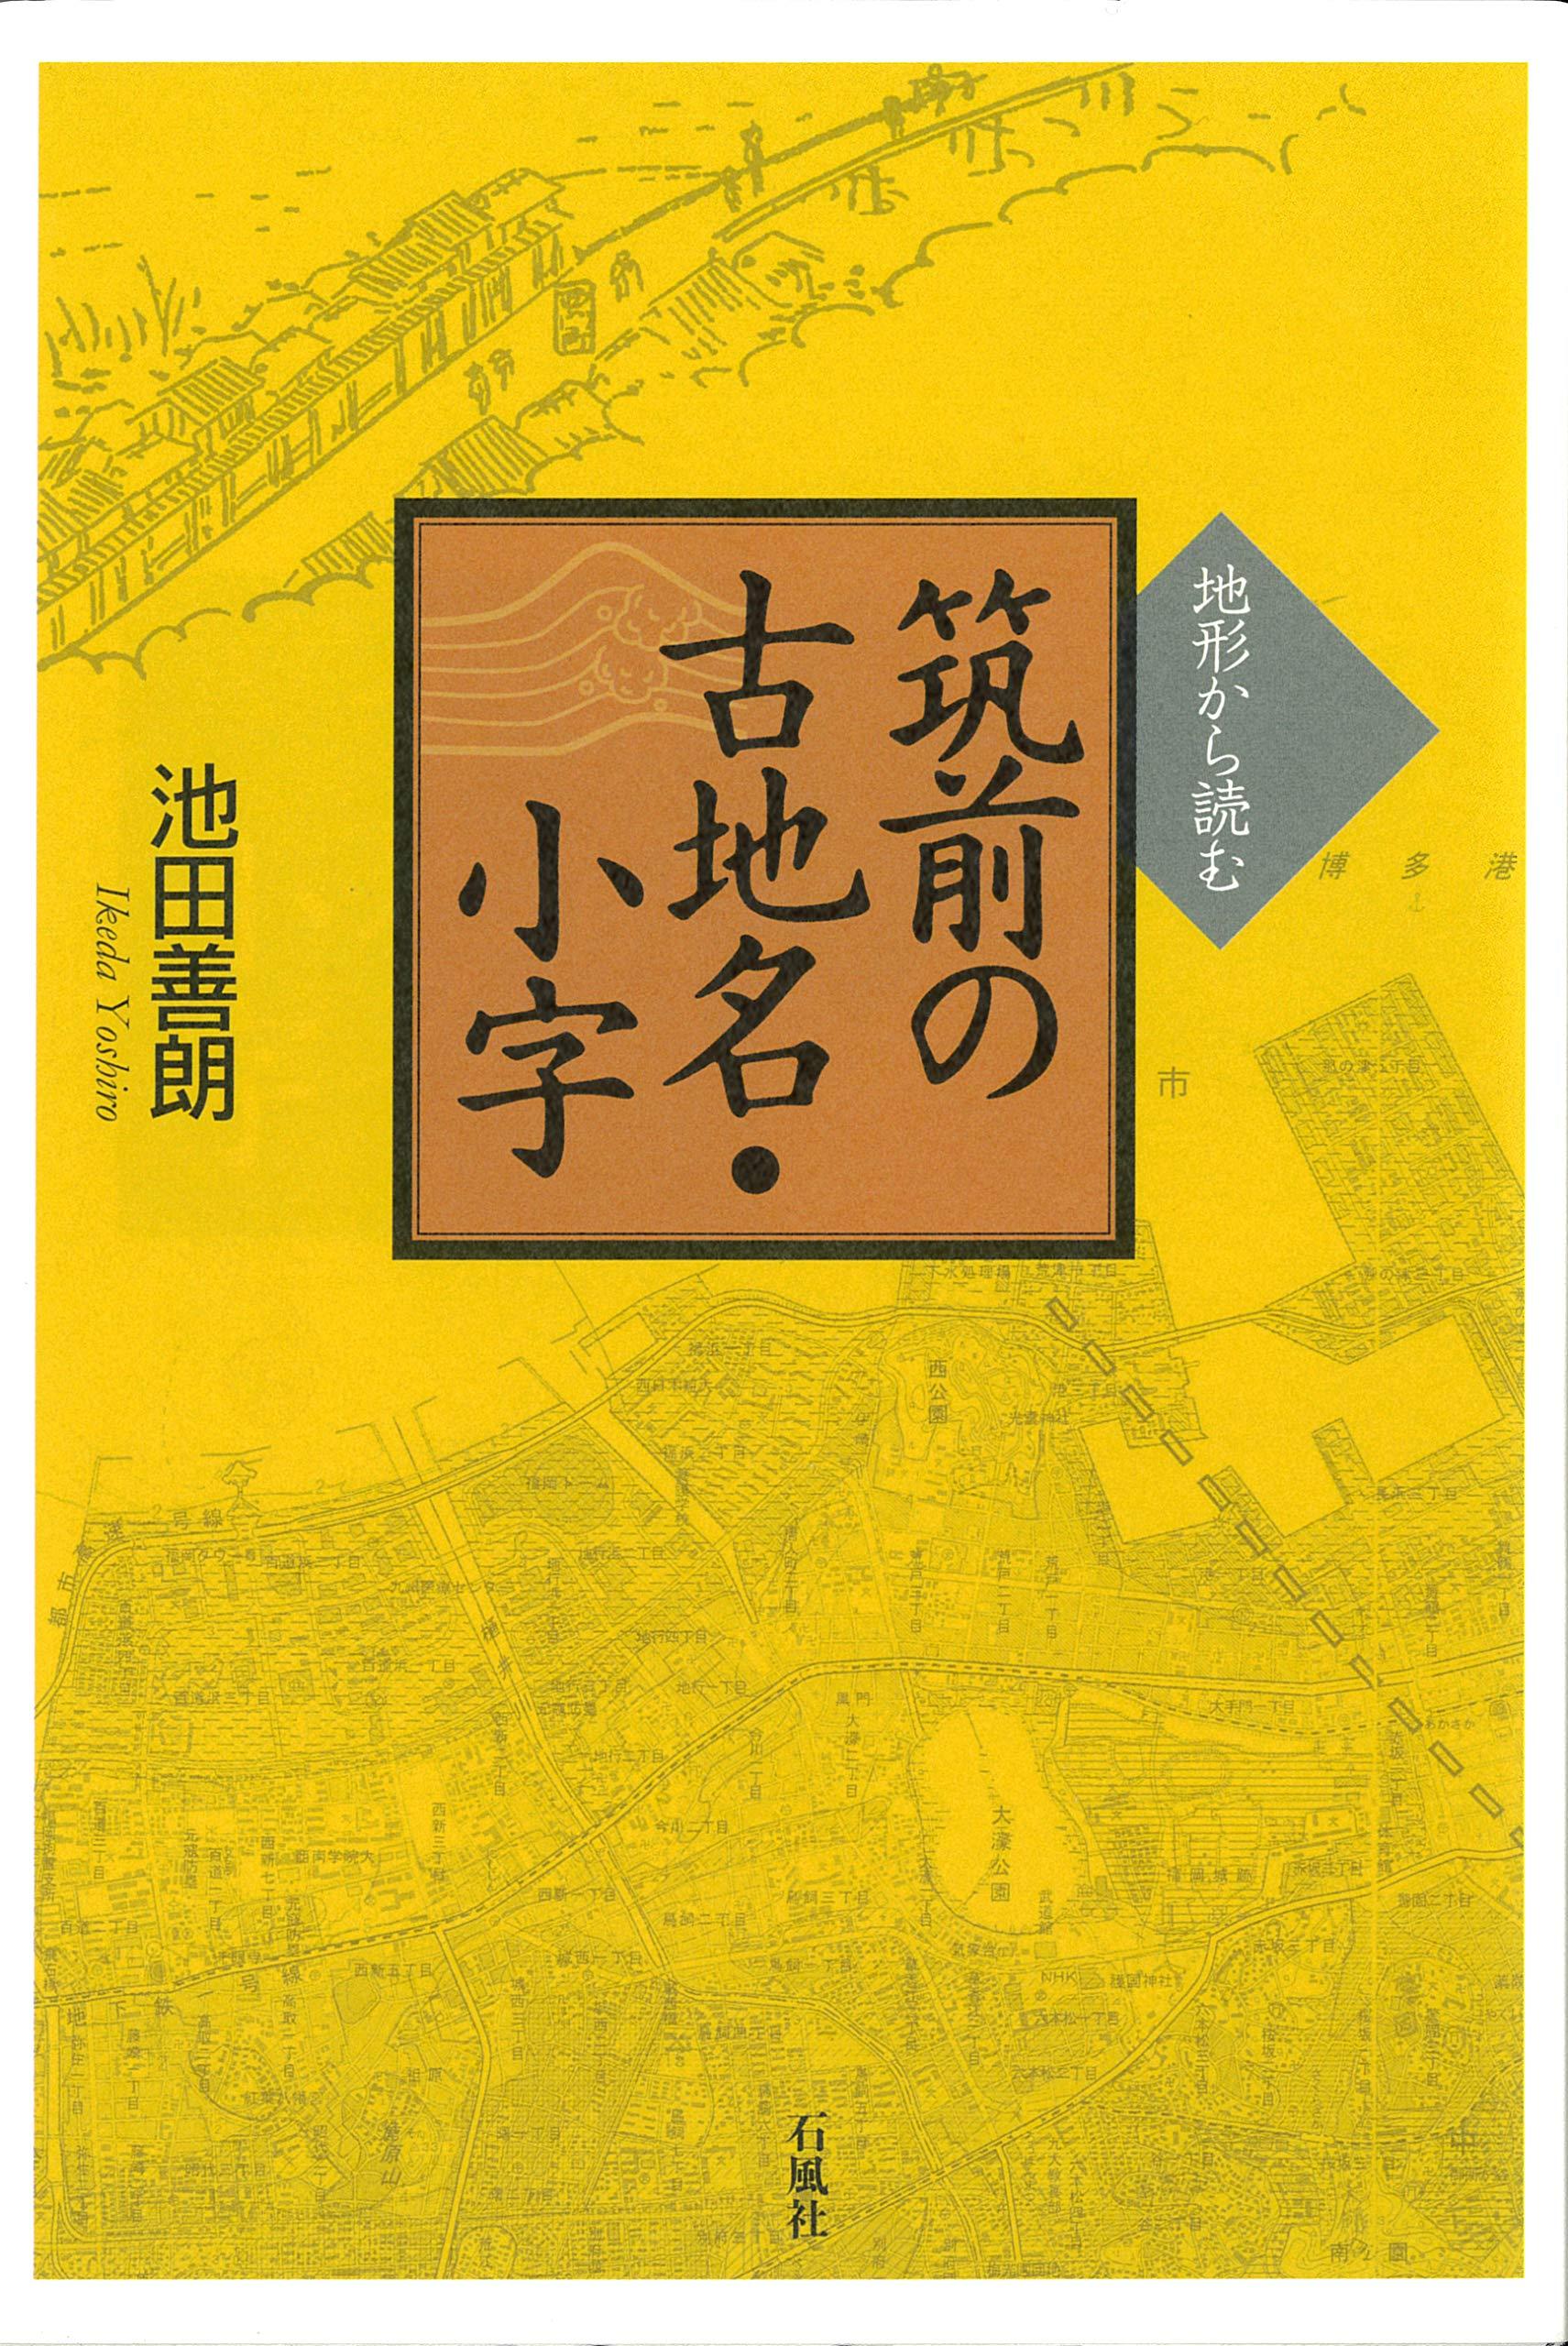 Amazon.co.jp: 地形から読む 筑前の古地名・小字: 池田 善朗: 本